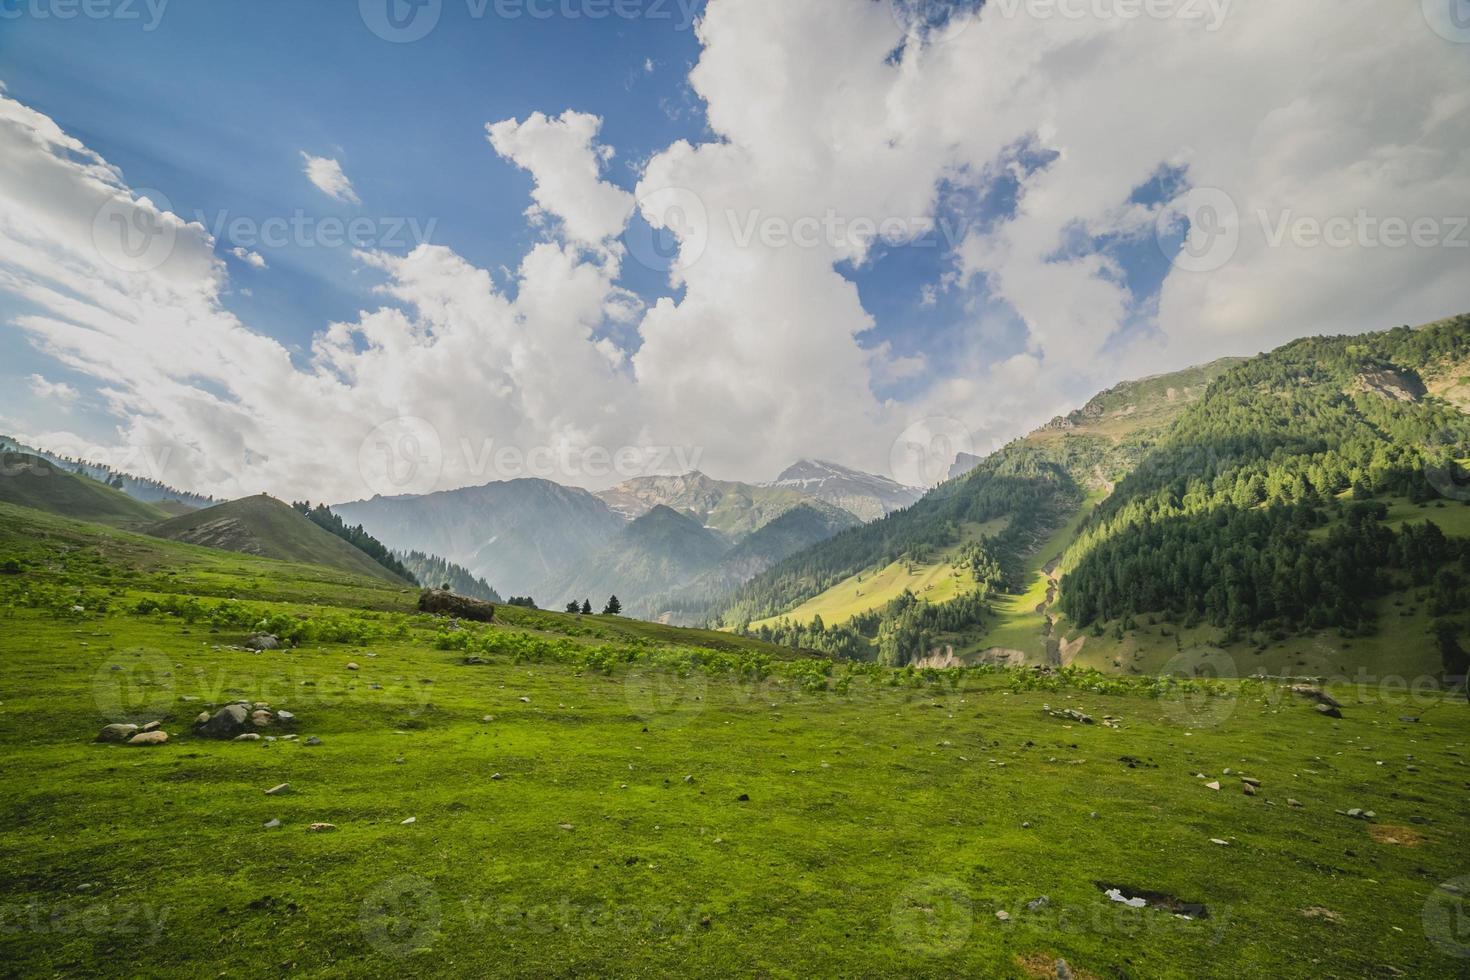 sanfte grüne Hügel und ein blauer Himmel foto